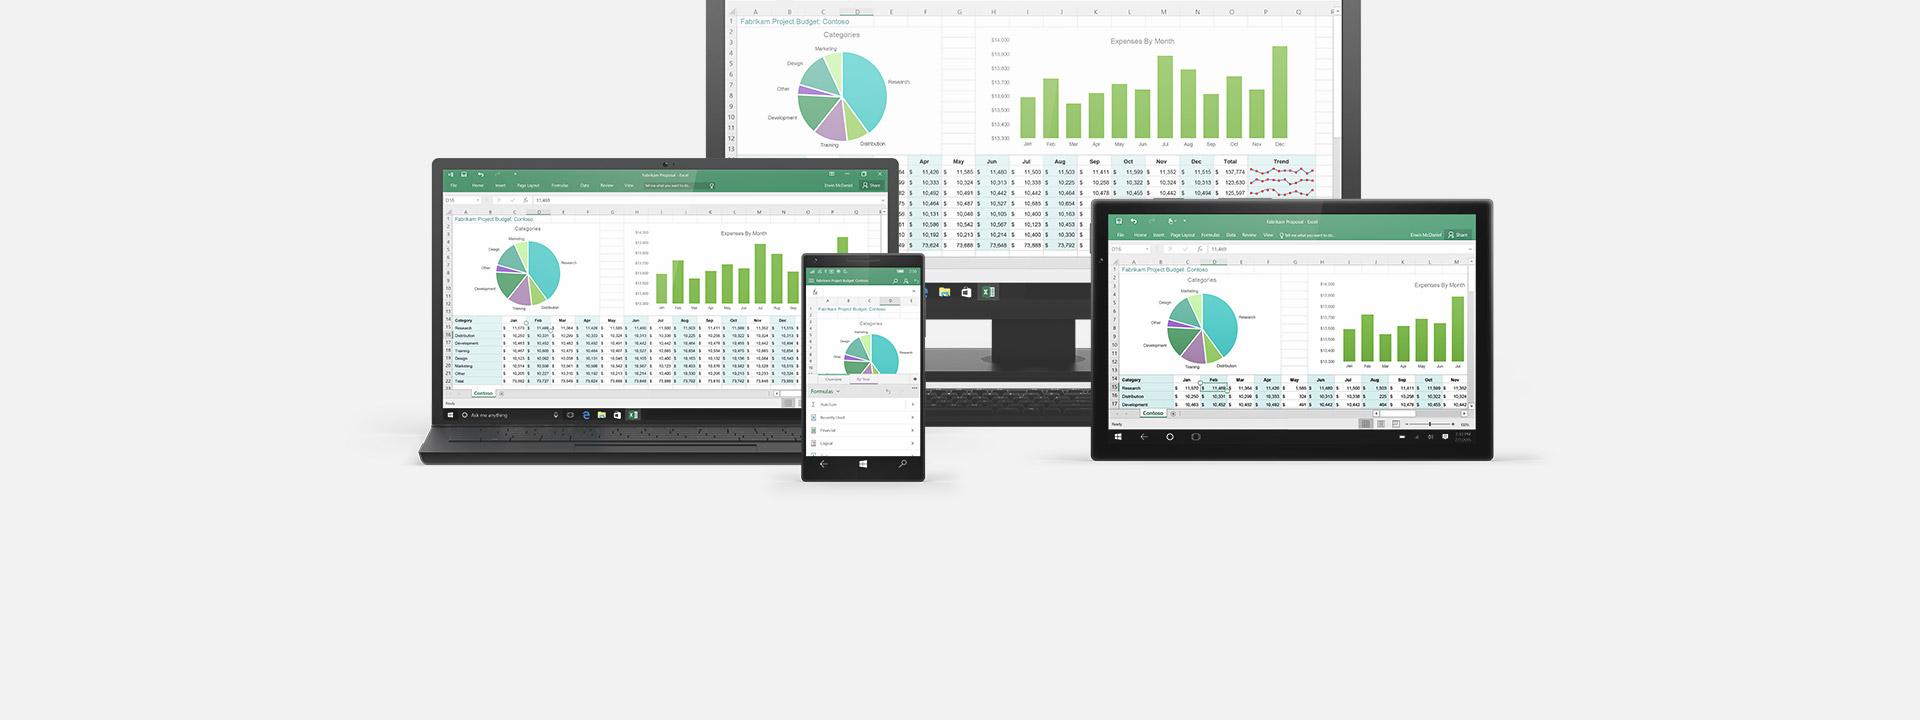 Meerdere apparaten, lees meer over Office 365